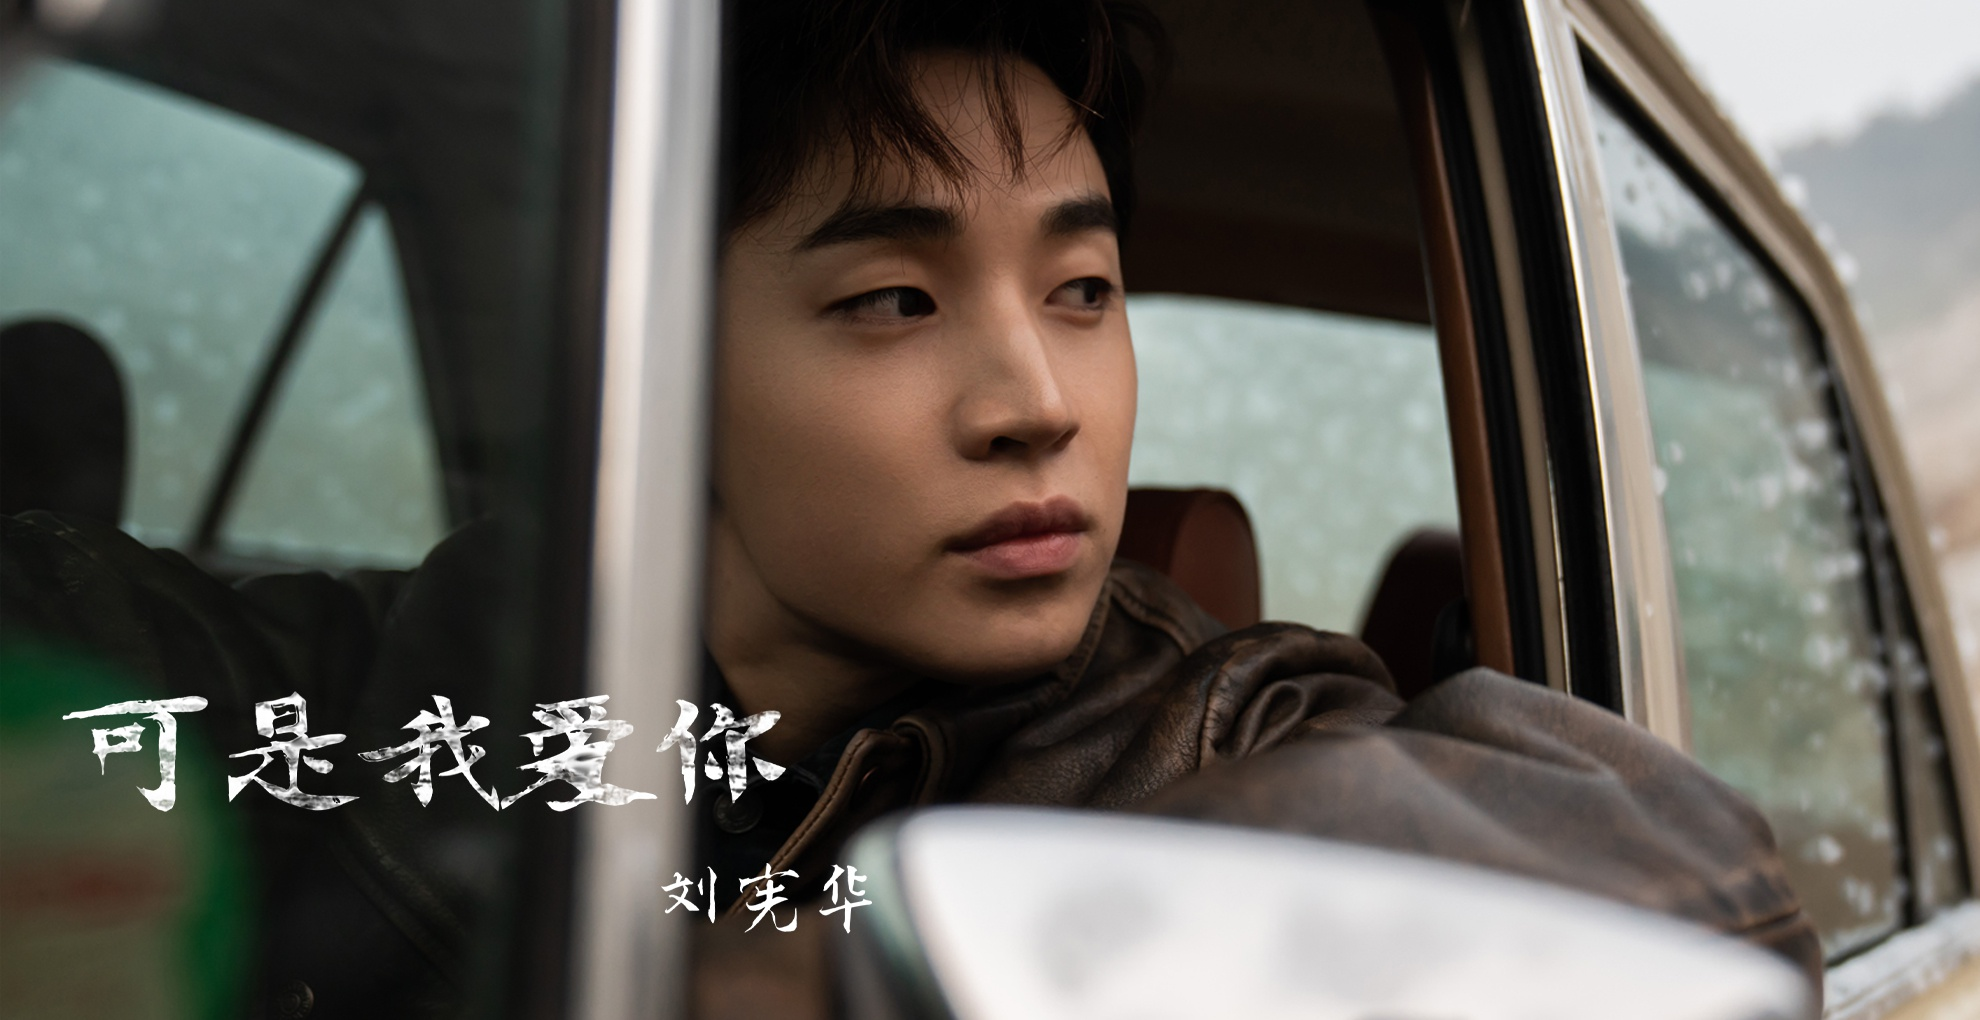 刘宪华原创单曲《可是我爱你》发布 将初恋写进歌里